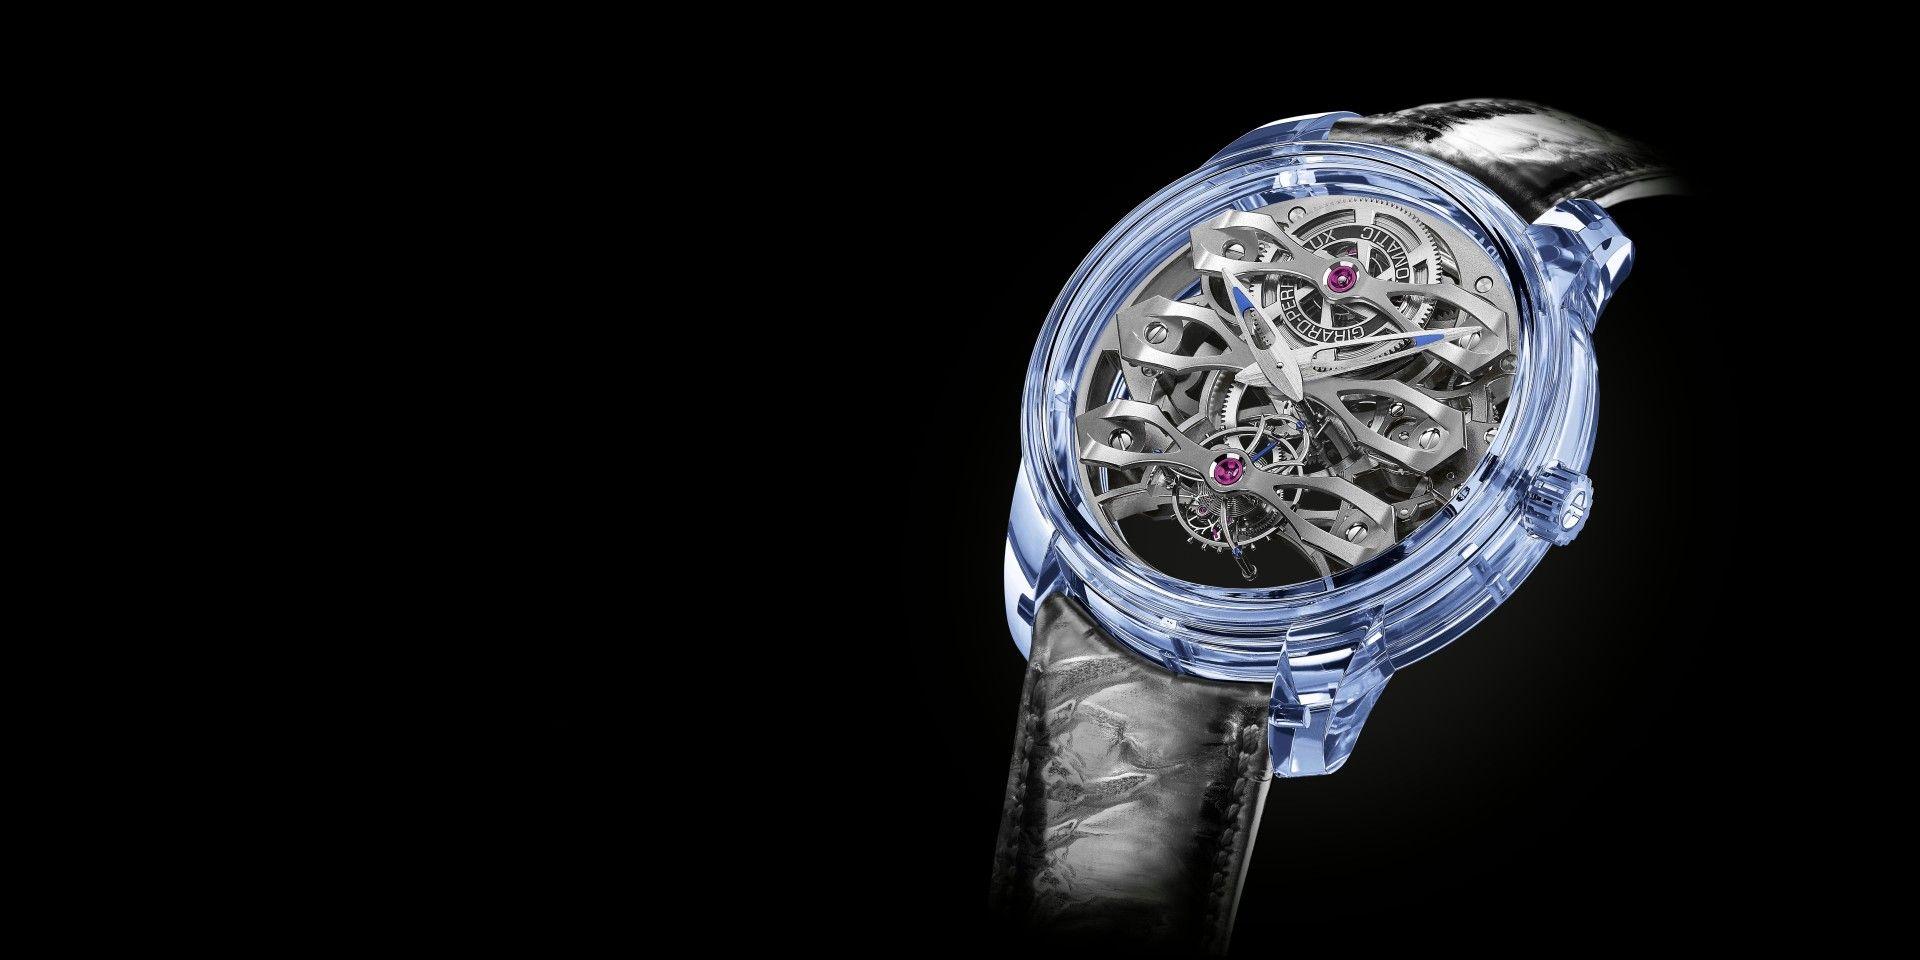 【2020線上錶展】玲瓏剔透、光芒耀目:芝柏 Girard-Perregaux Quasar Azure腕錶